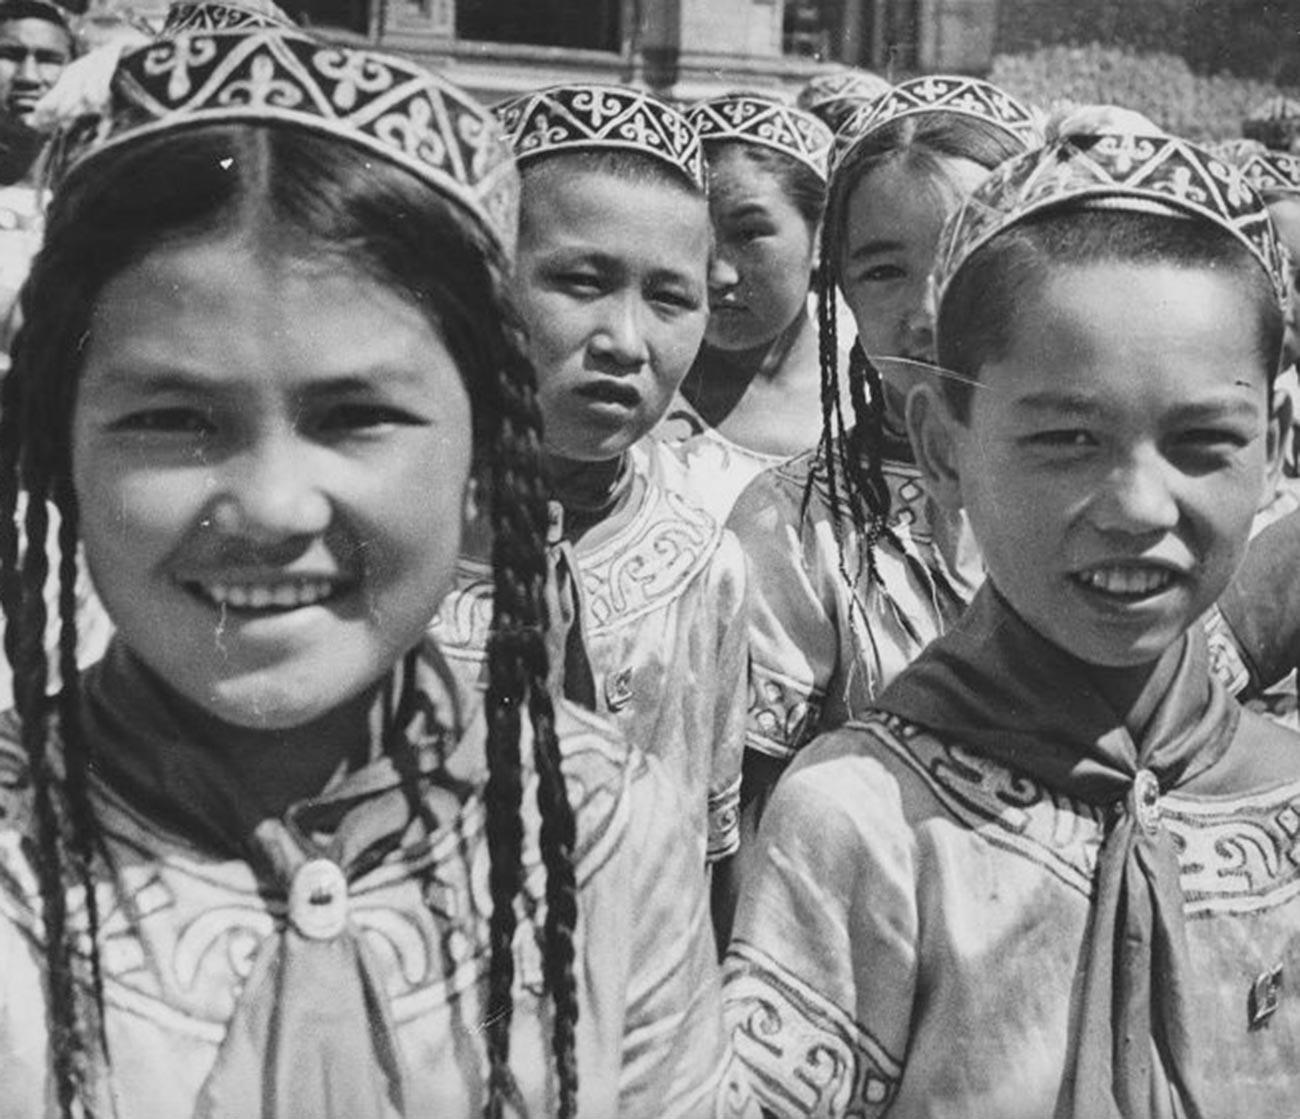 Пионеры Казахстана в Москве, 1935.